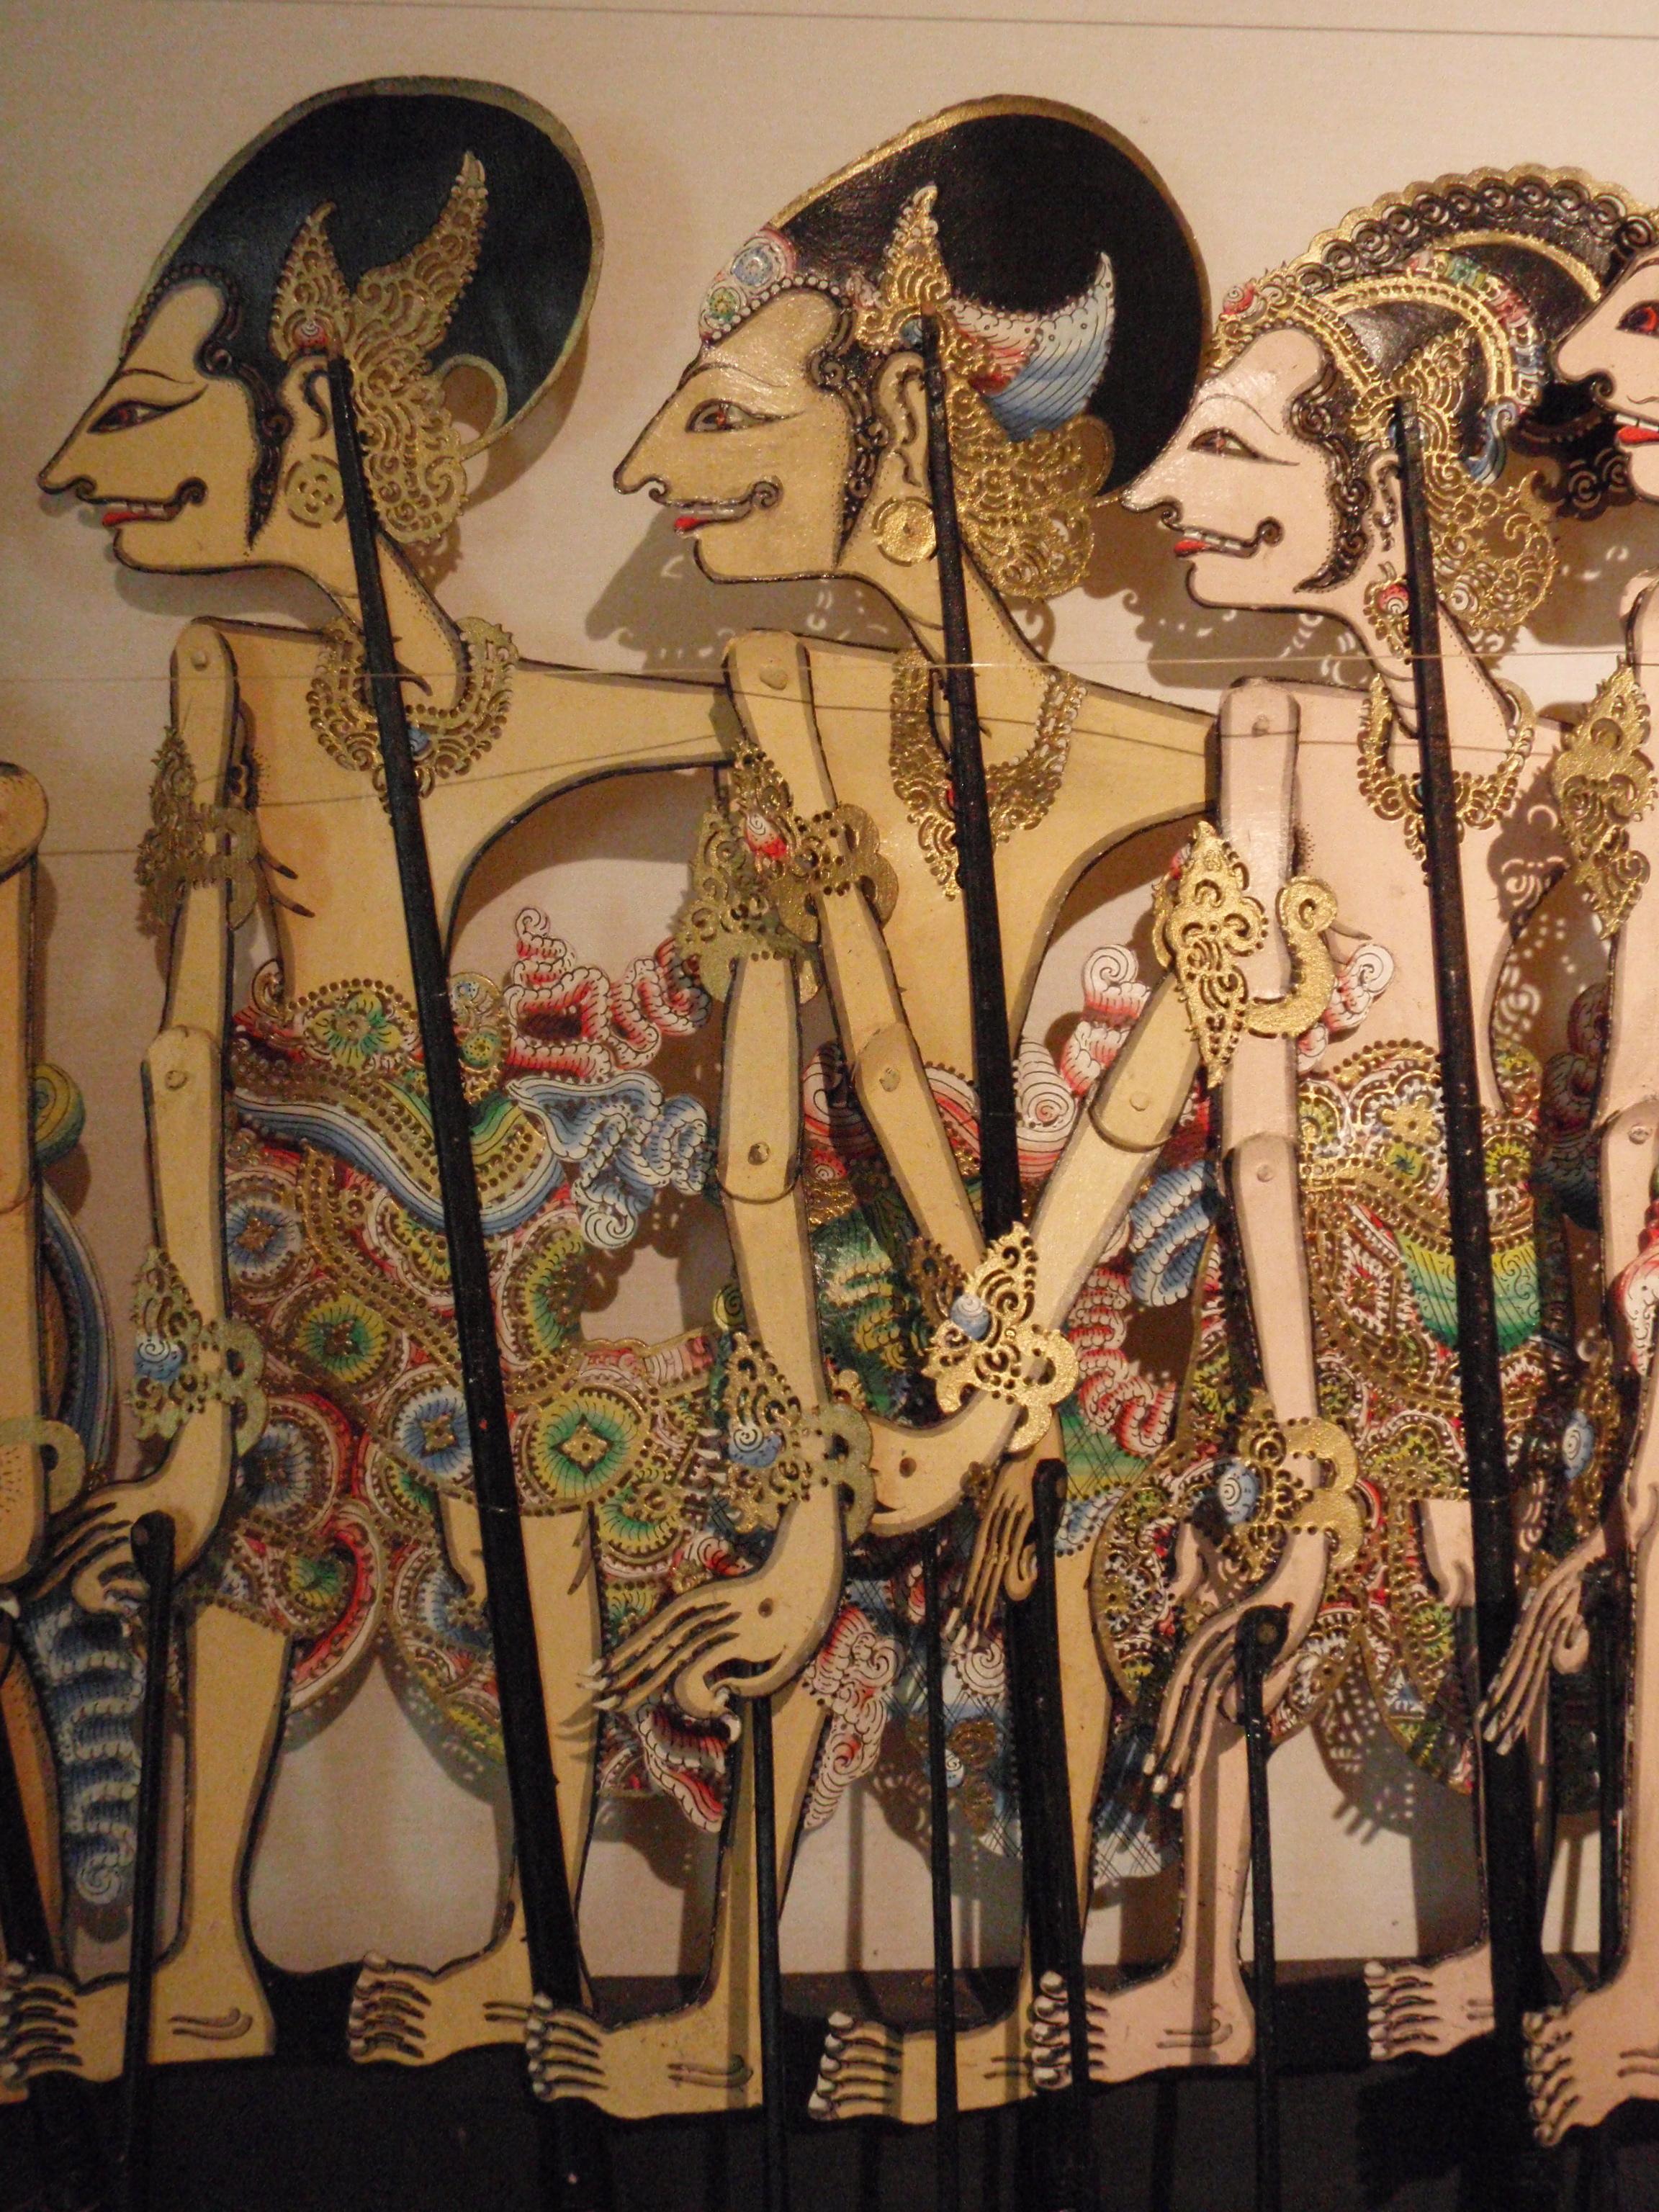 Wayang <em>kulit</em> gambuh (Bali) raconte des histoires sur <em>Raden</em> Panji, le prince légendaire de Java oriental. Collection : Setia Darma House of Masks and Puppets, Gianyar, Bali, Indonésie.